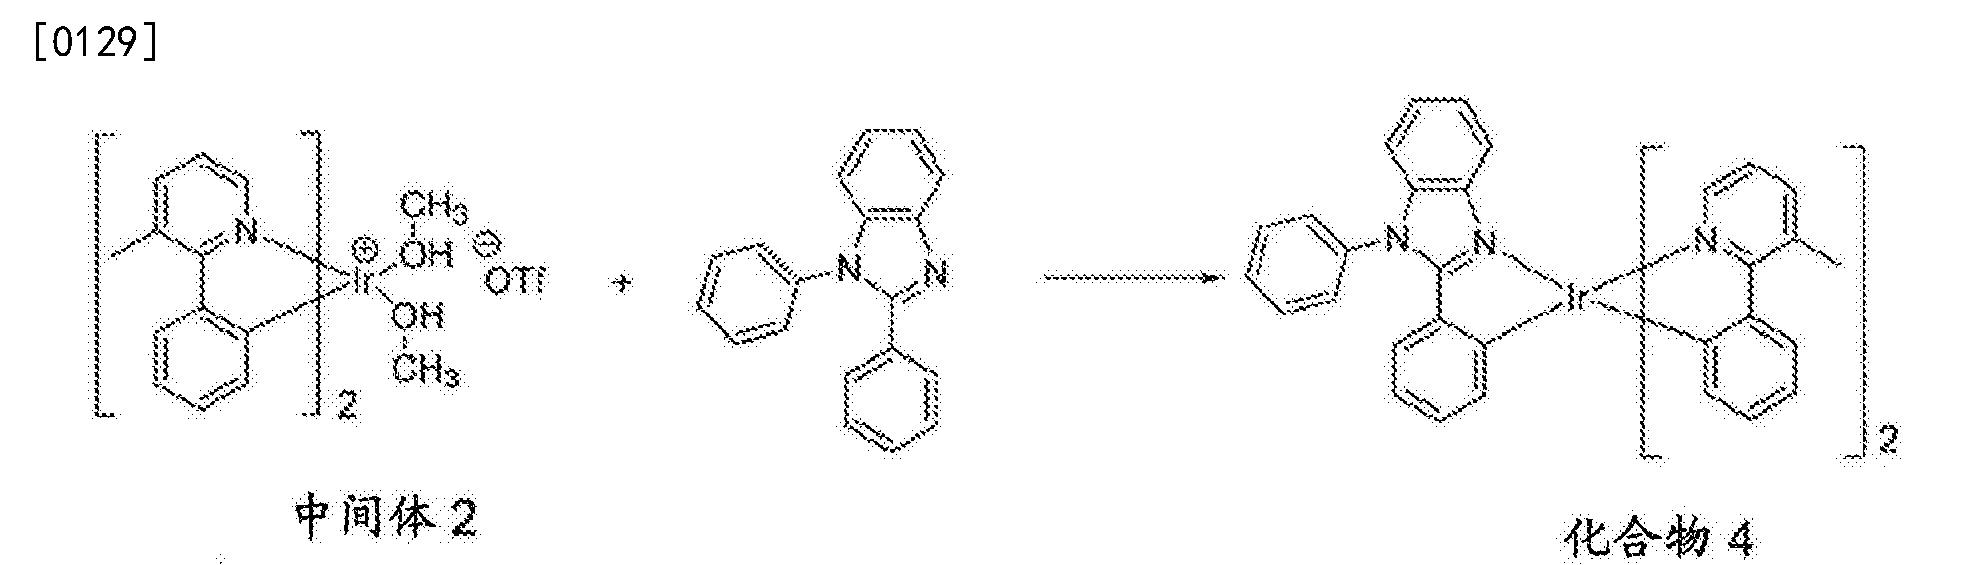 Figure CN103396455BD00492